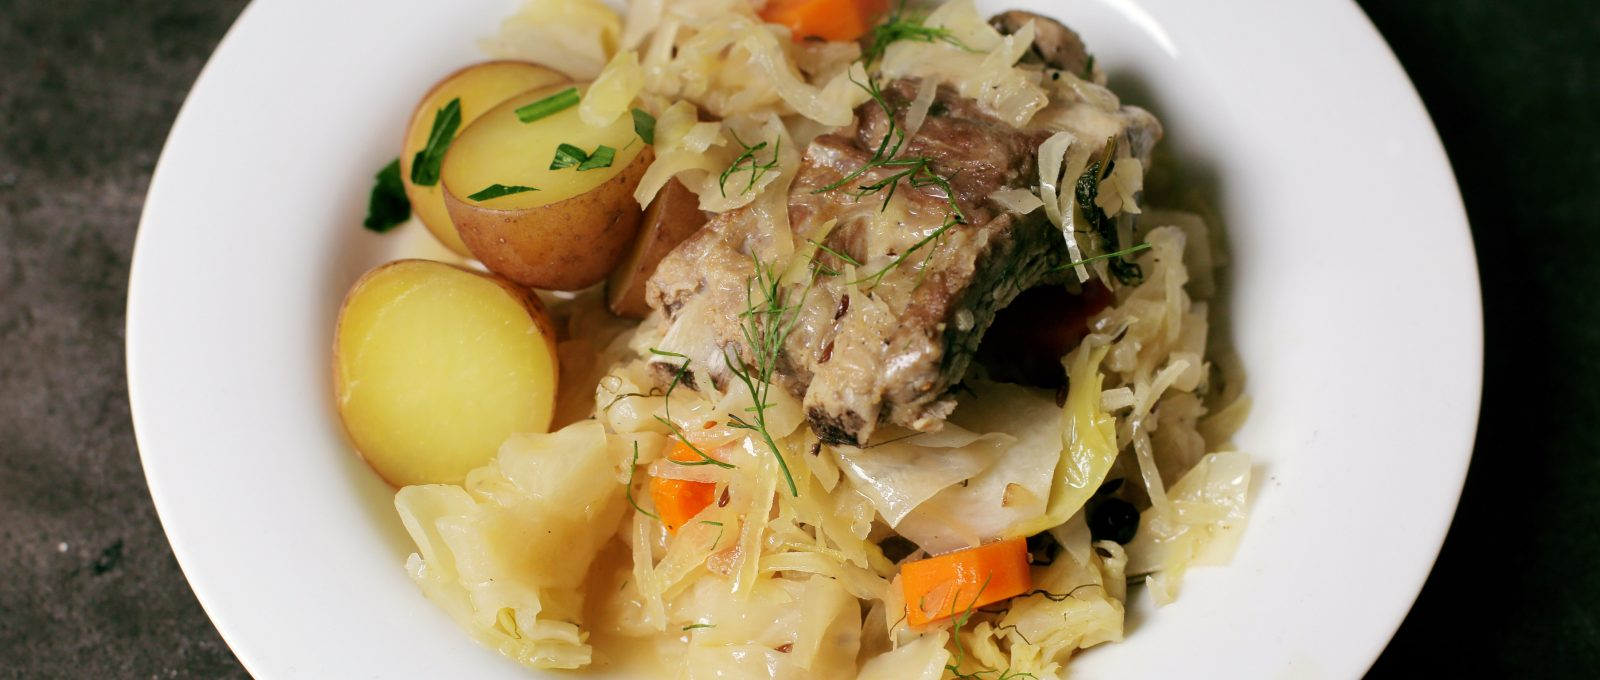 Andrew Zimmern's Pork Ribs with Sauerkraut